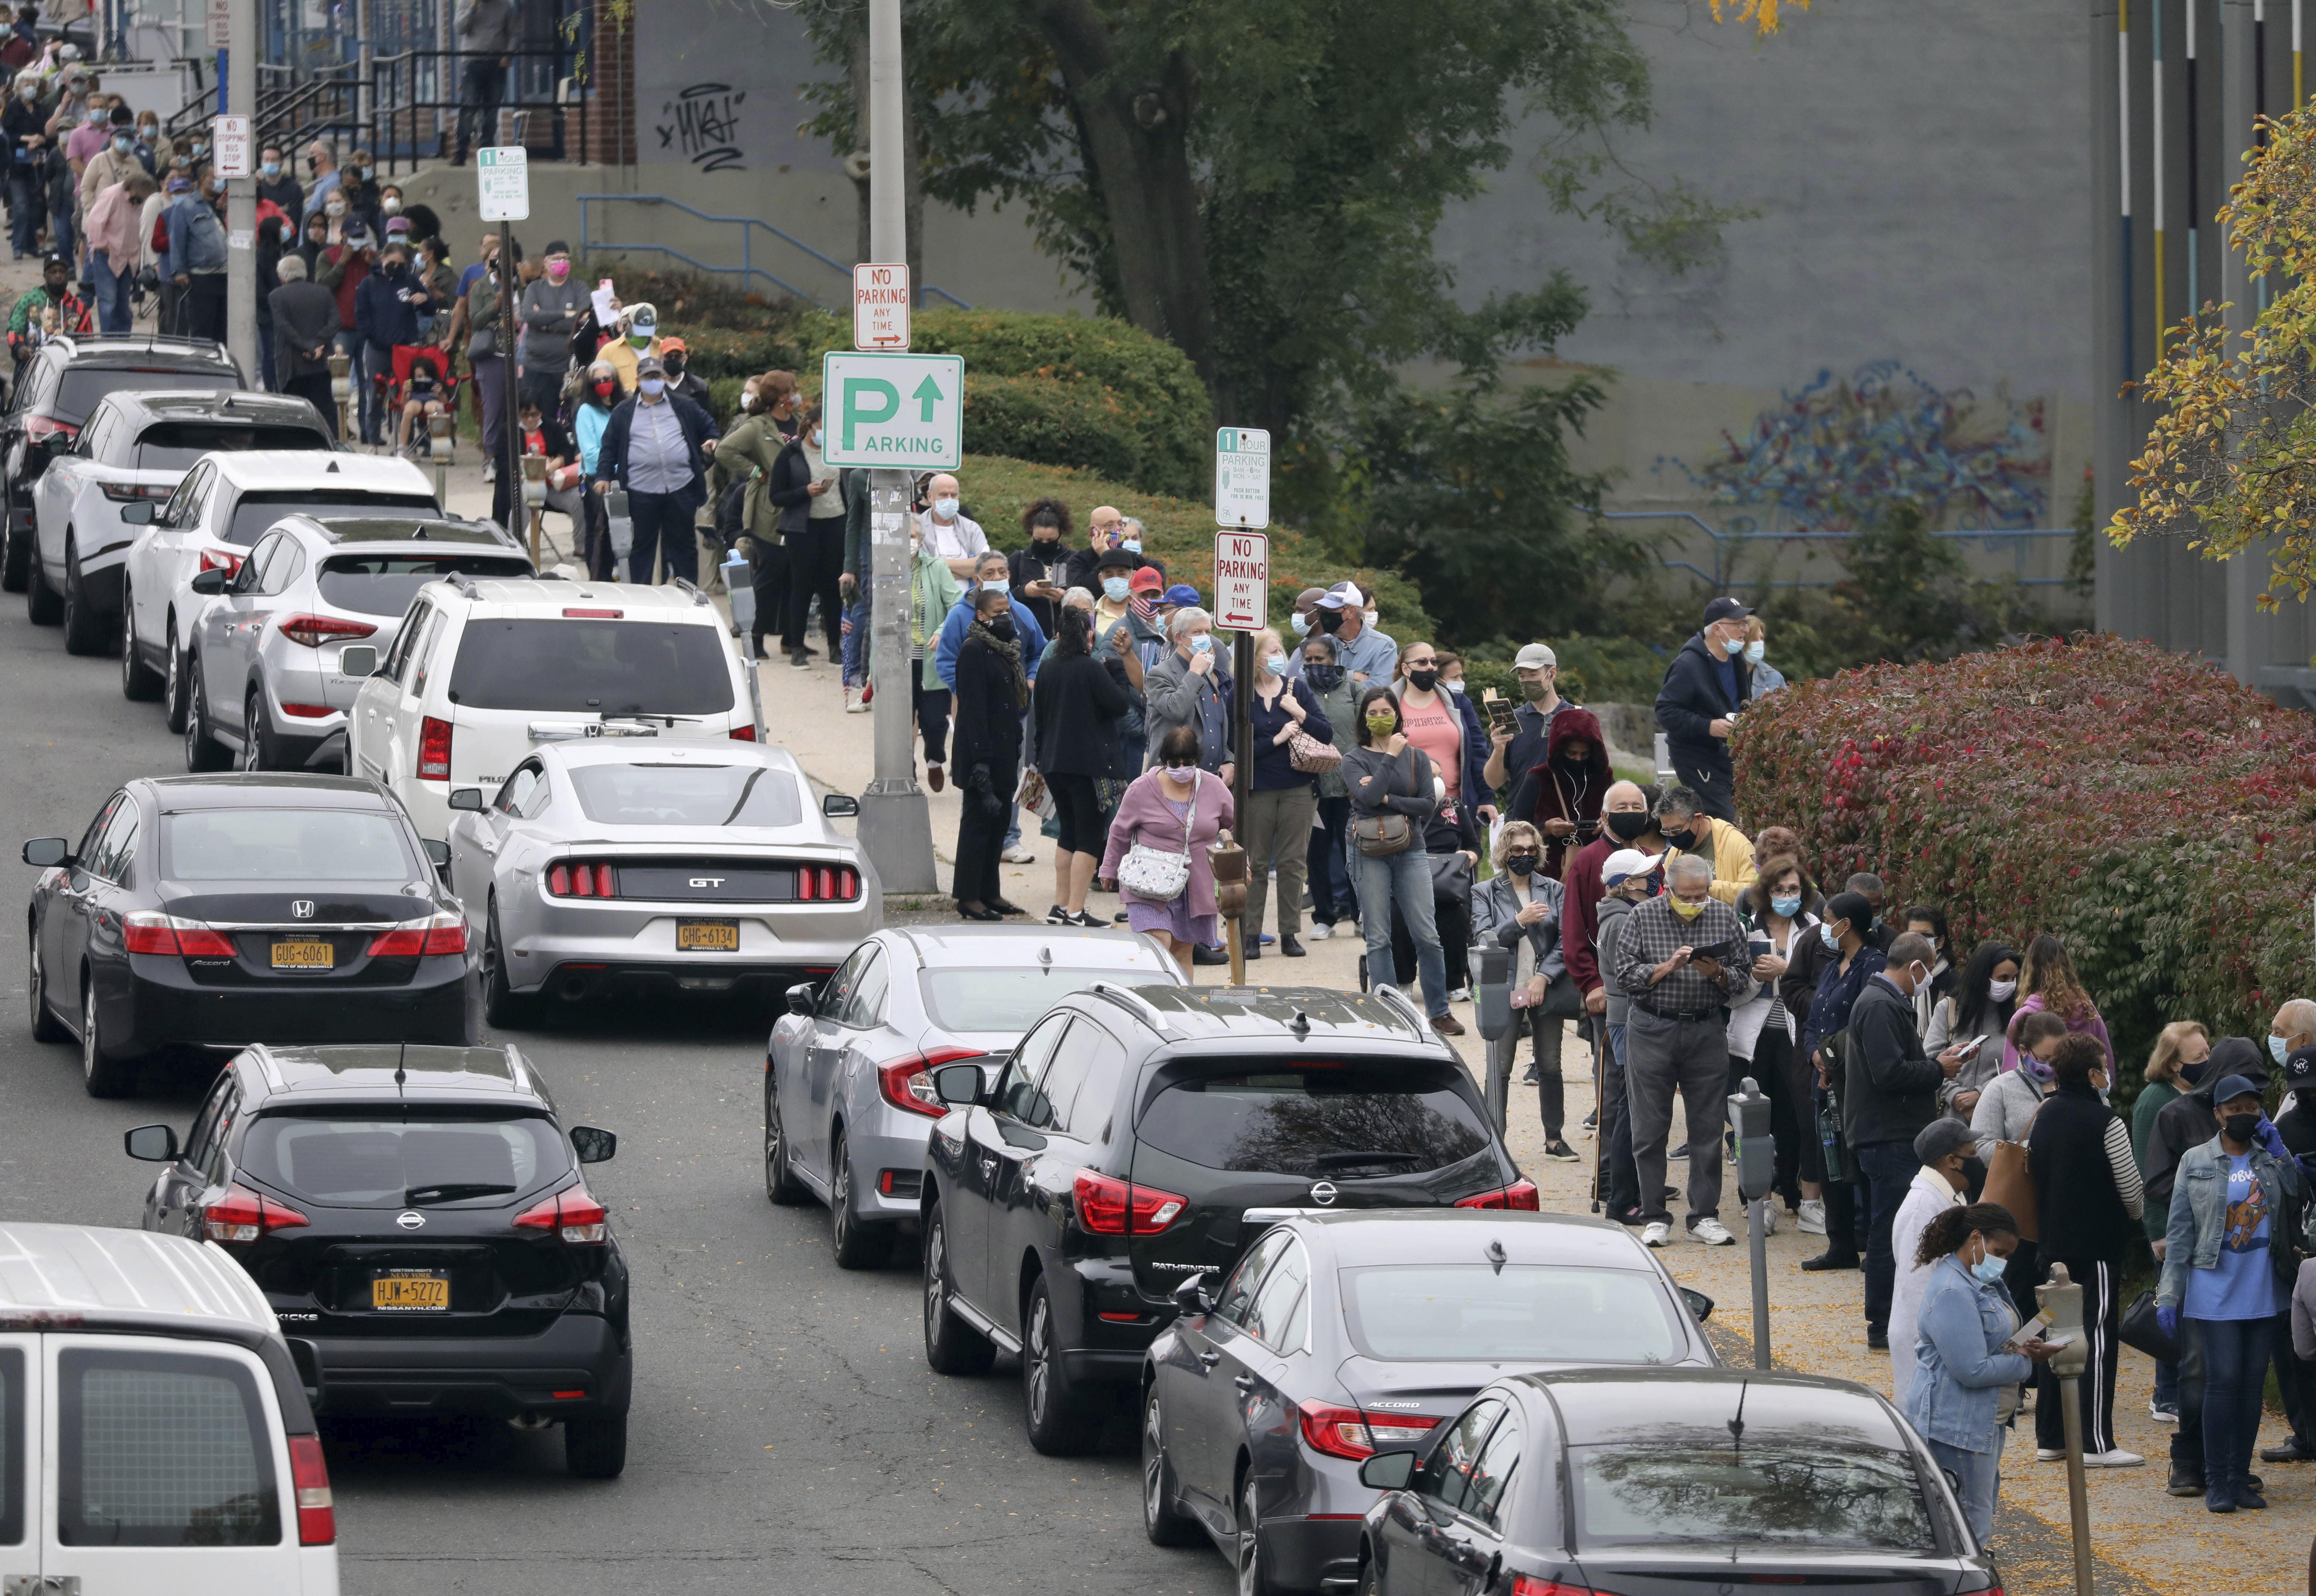 美國超過5870萬選民提早完成投票,已超越上屆大選提前投票的人數,新澤西州、德拉瓦州和維珍尼亞州的投票人數增幅最多。圖為紐約州的選民在揚克斯公共圖書館票站前排隊投票。    美聯社